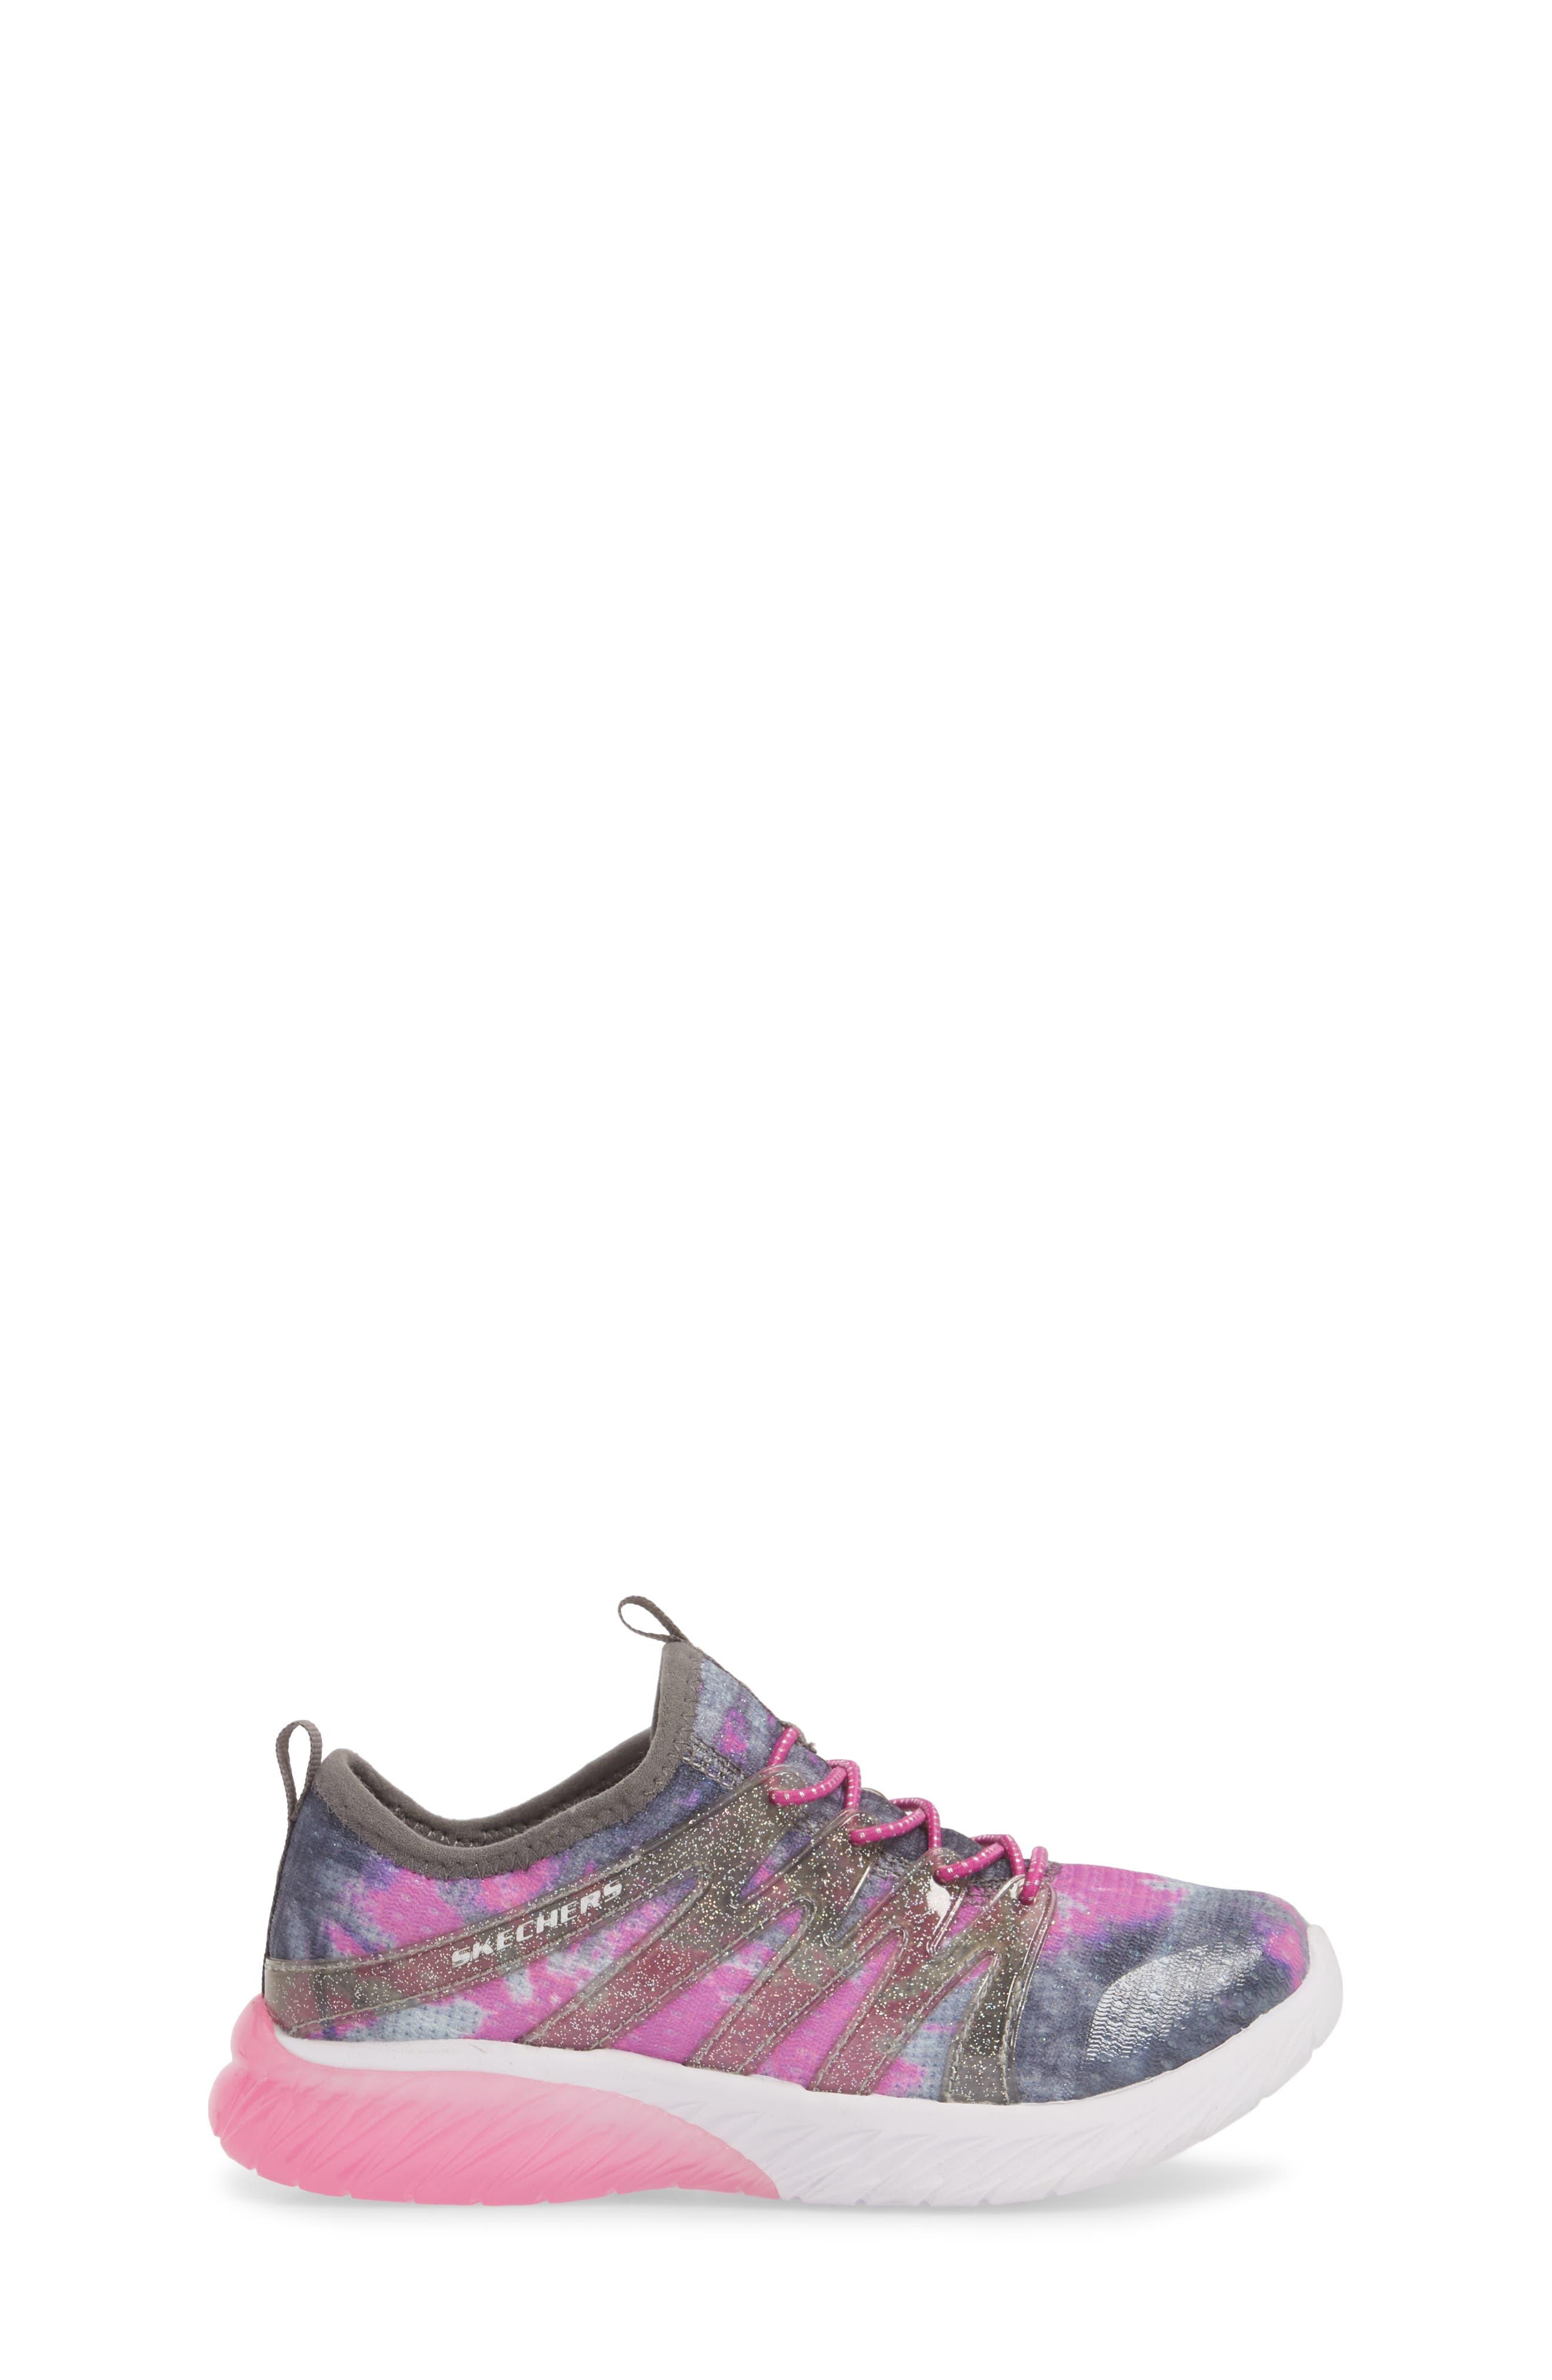 Skech Gem Glitter Sneaker,                             Alternate thumbnail 3, color,                             650